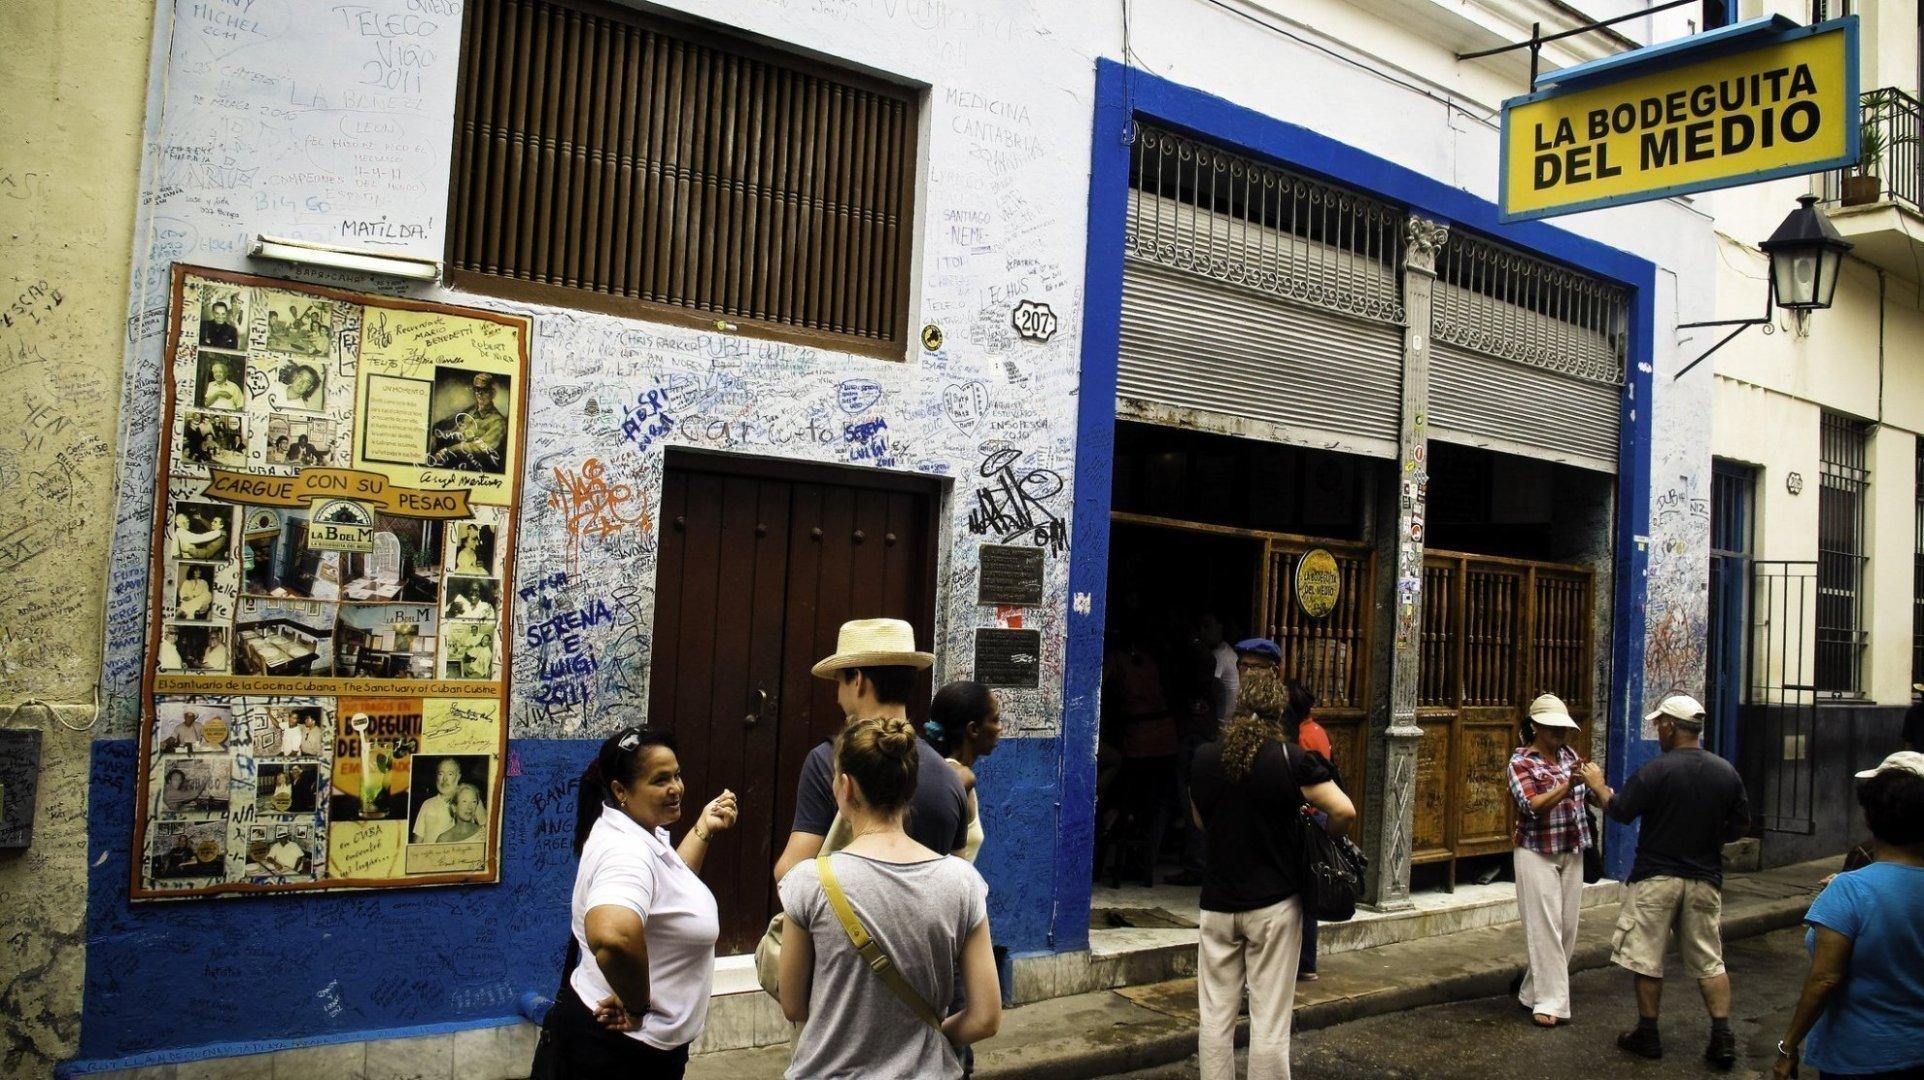 An Introduction To La Bodeguita Del Medio Cuba S Most Popular Bar